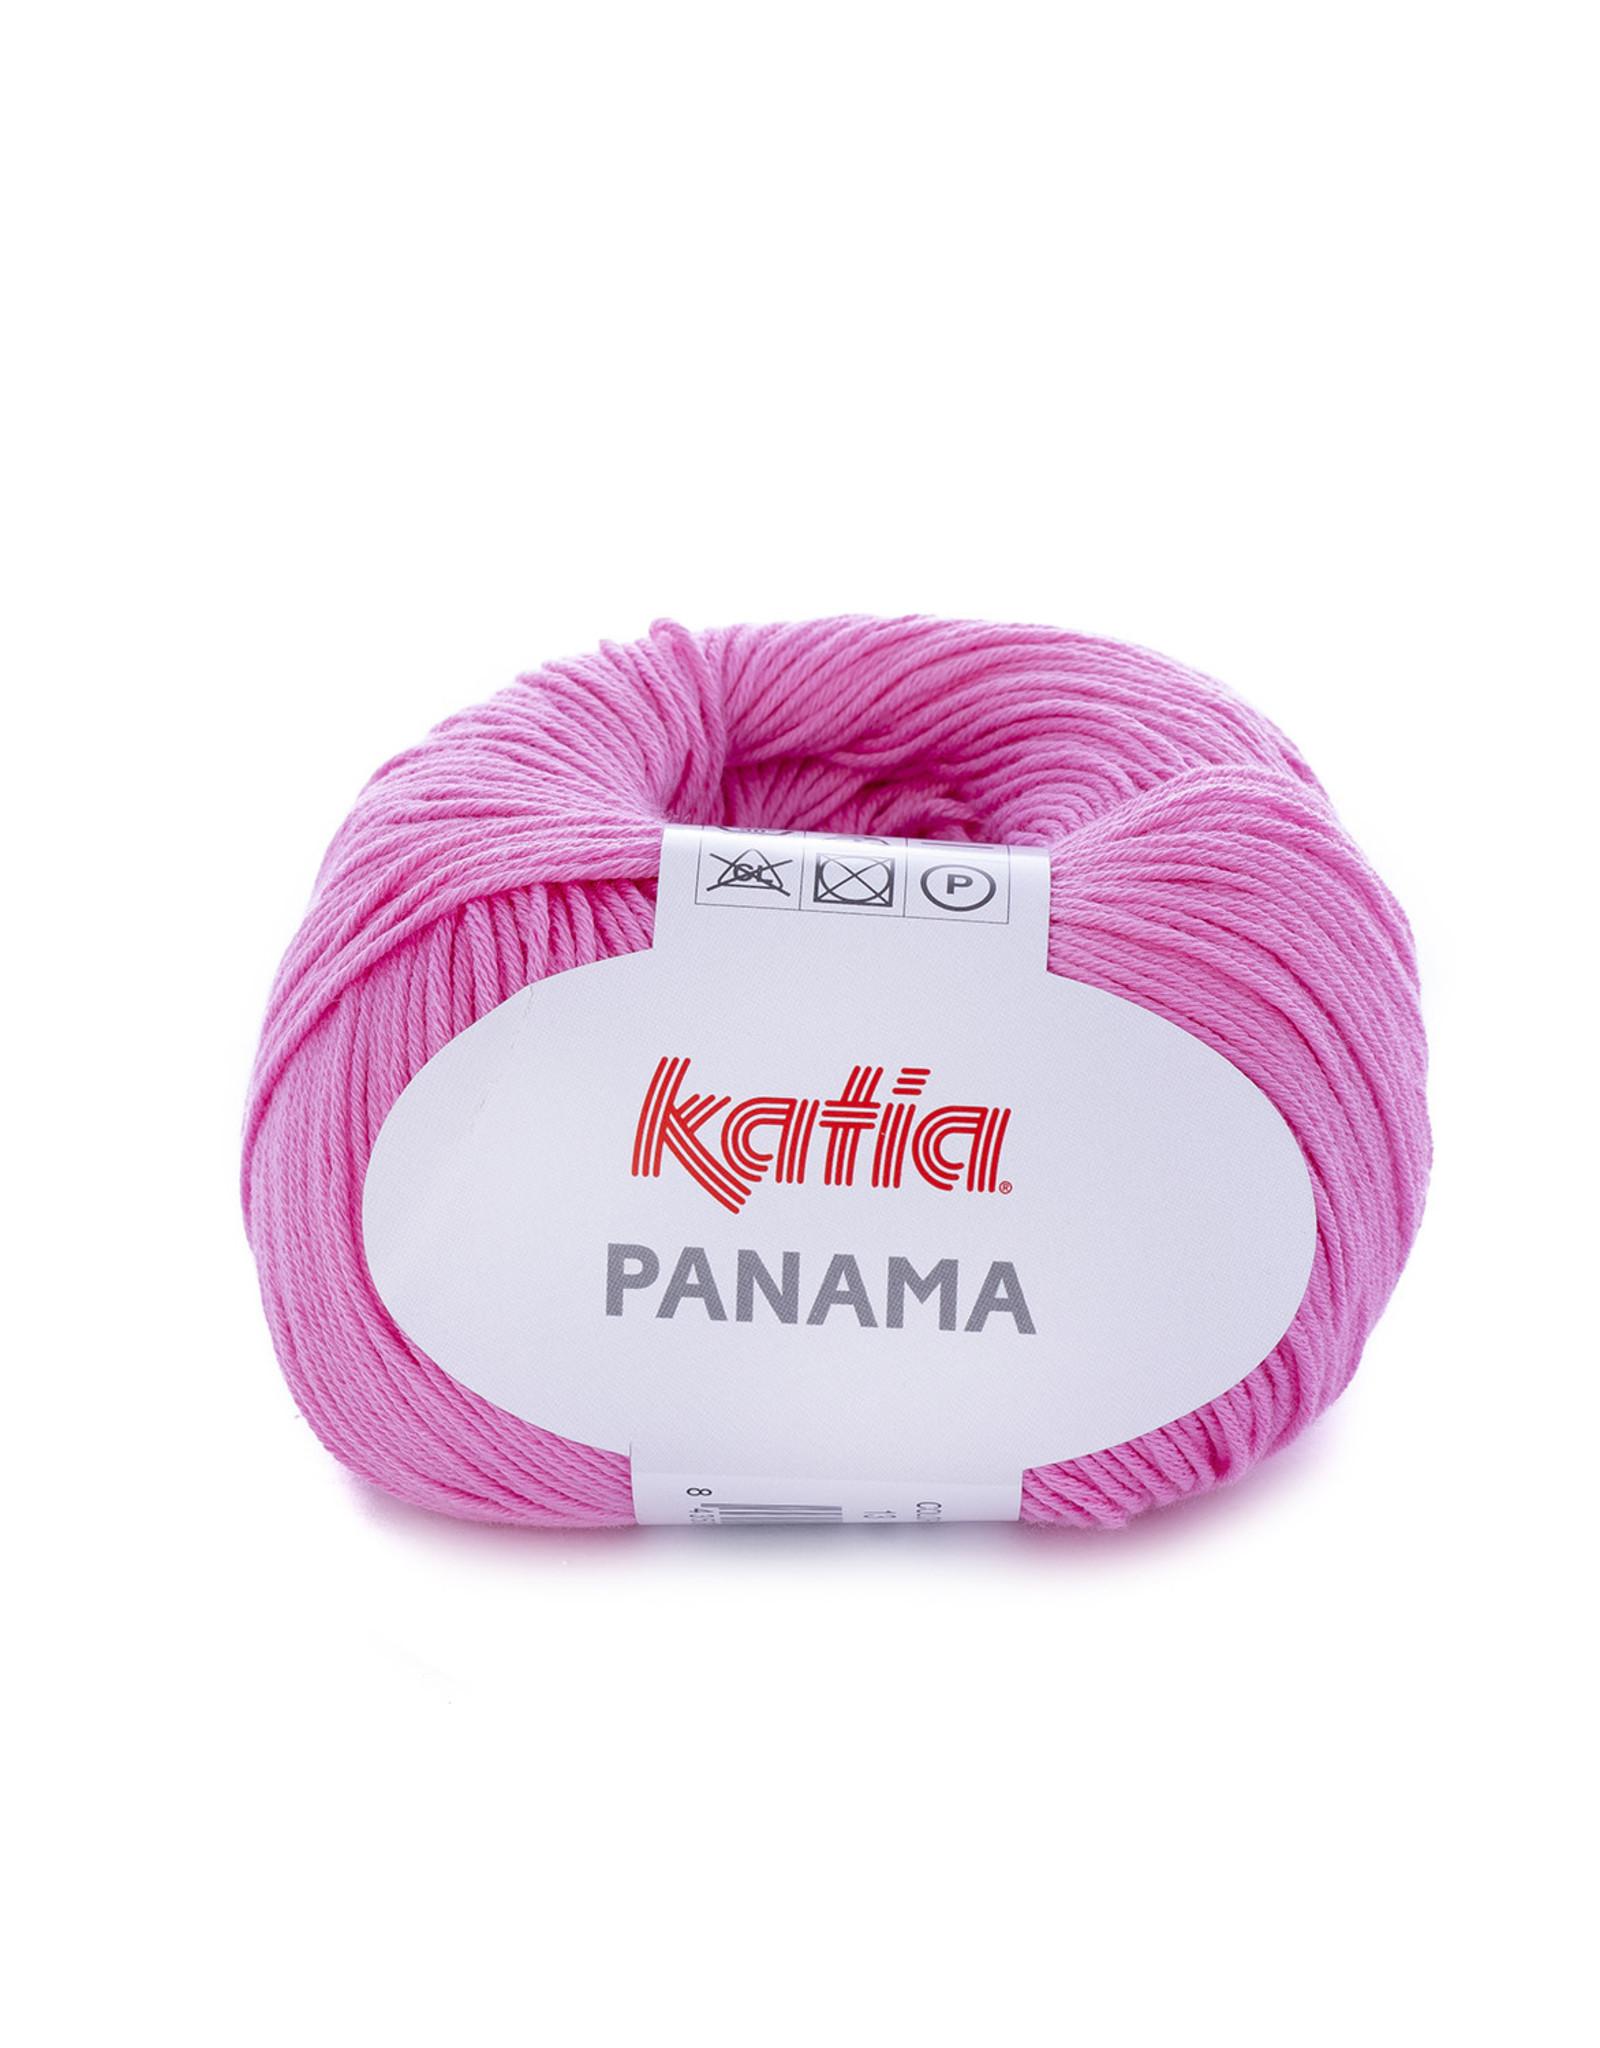 Katia Katia Panama 13 bleekrood